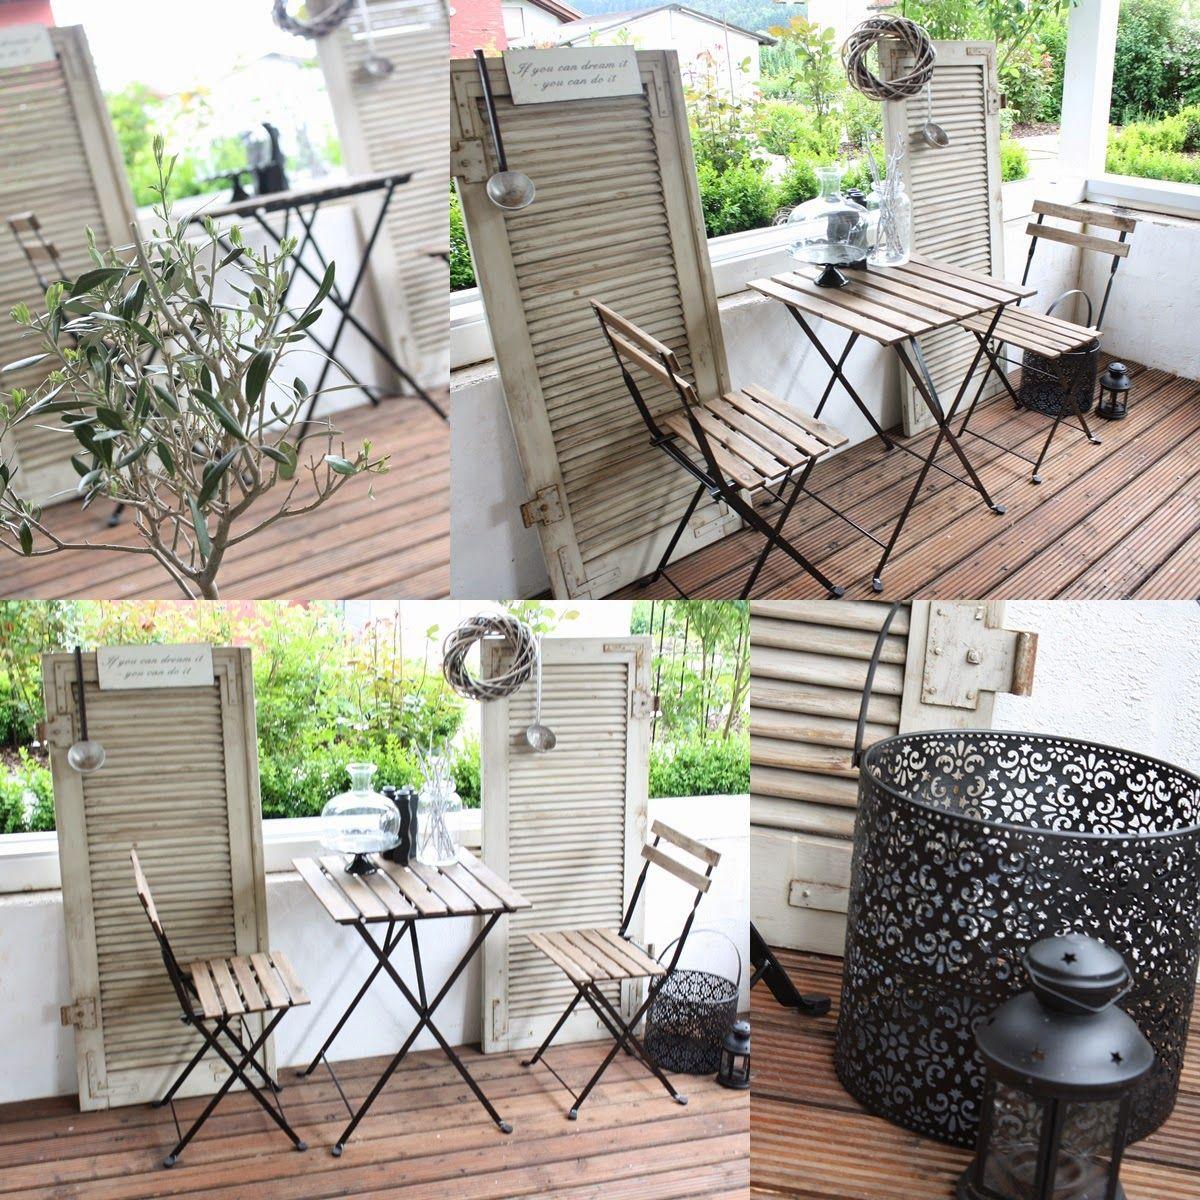 Ikea Bistrotisch klappläde fensterläden bistro tisch set ikea outdoor